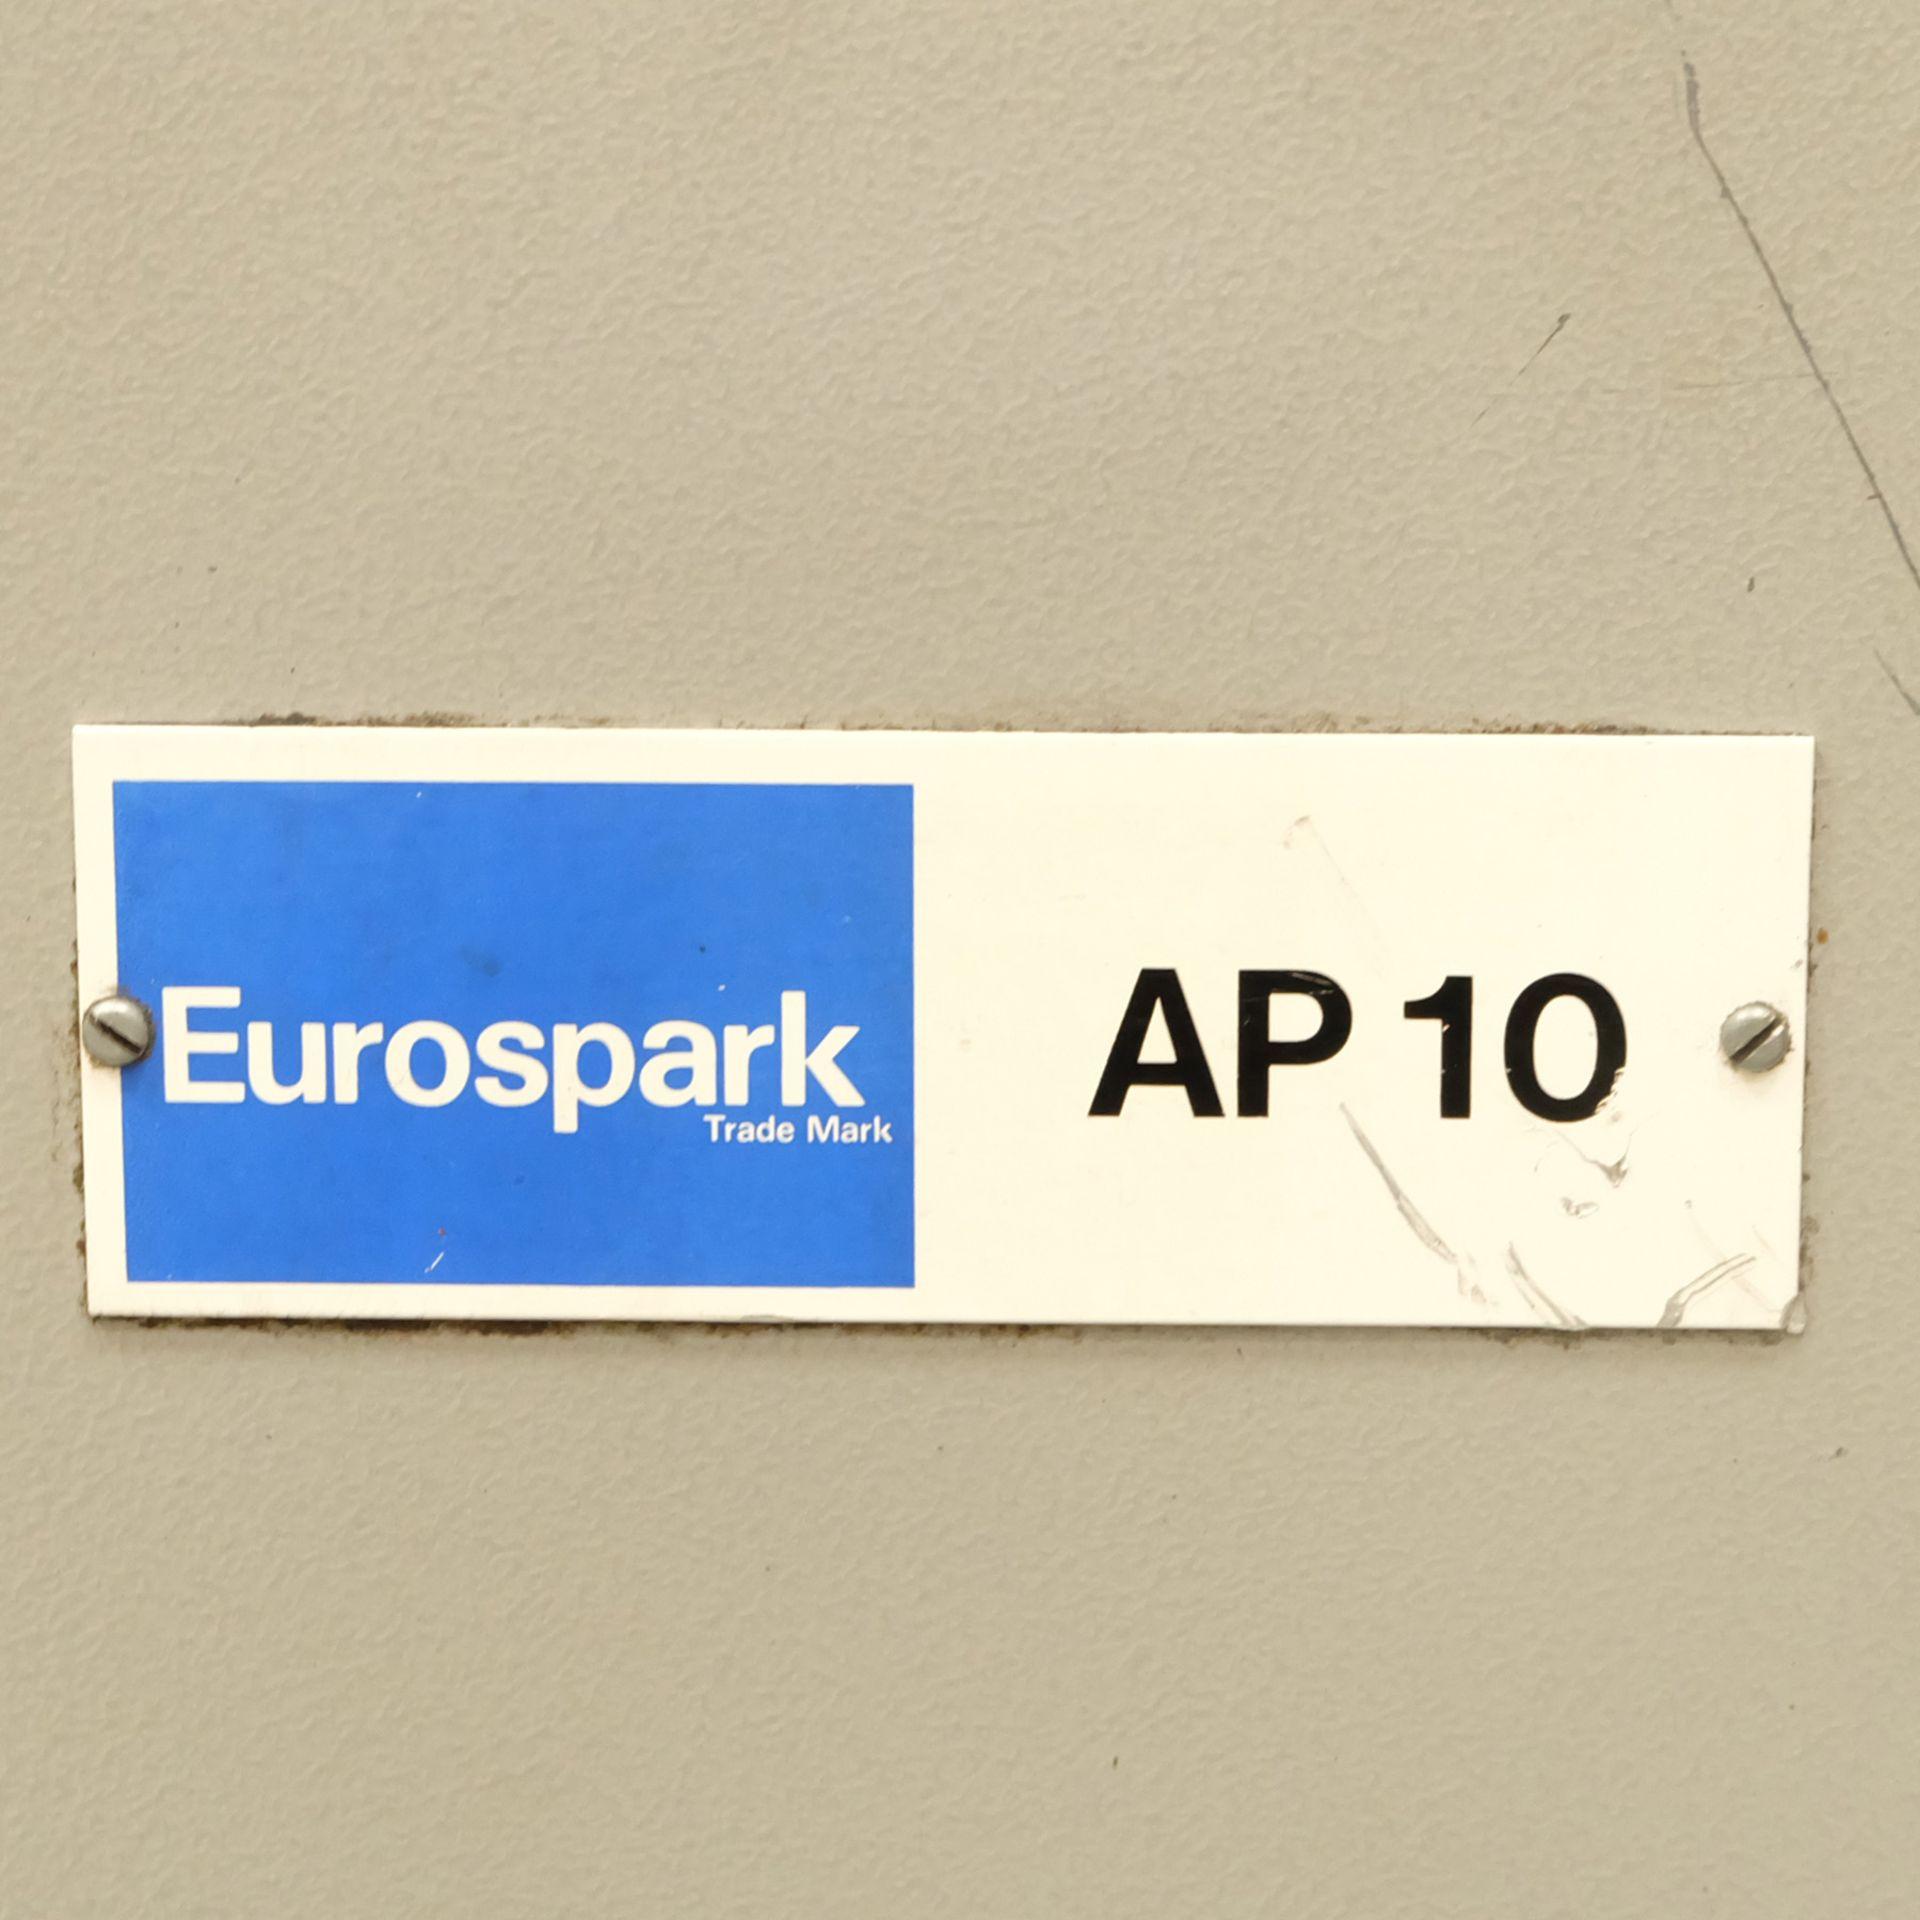 Eurospark Model H425 Solid Sink EDM. Table 420mm x 300mm.Generator Eurospark AP10 mk11. - Image 11 of 17